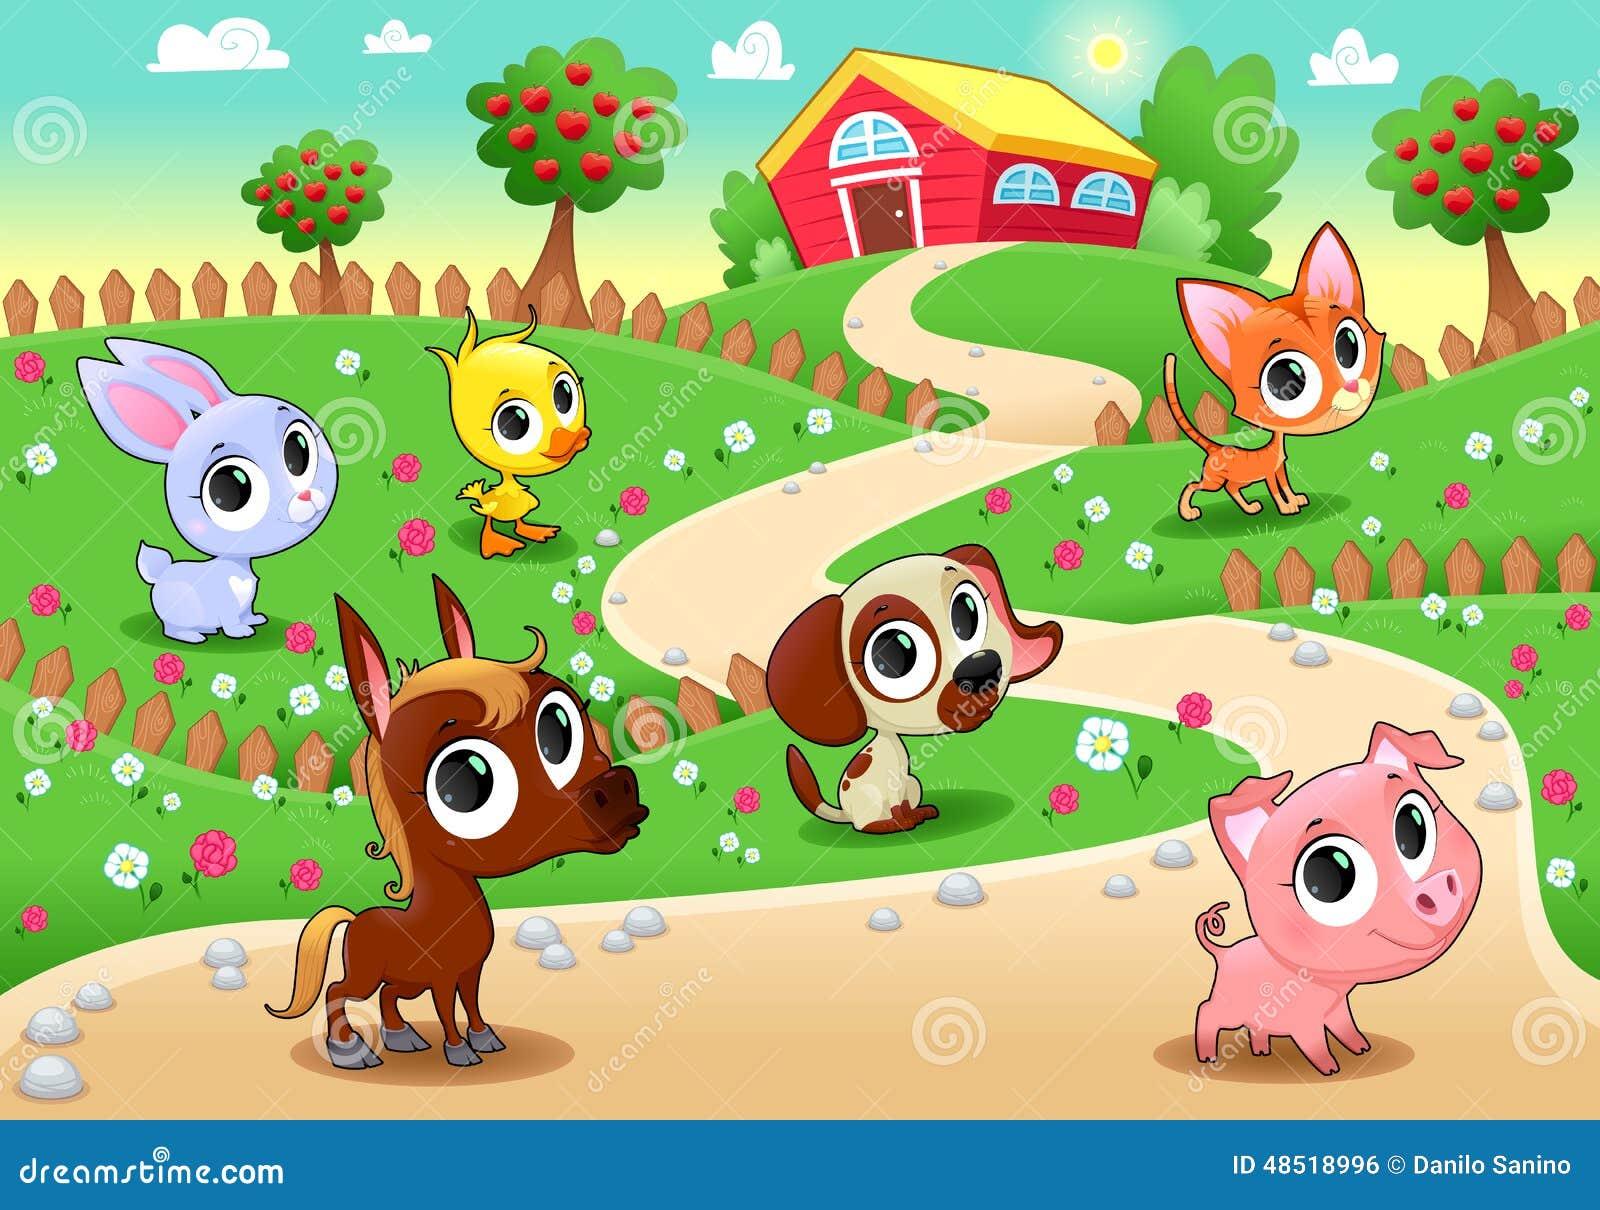 Funny Farm Animals In The Garden Stock Vector ...